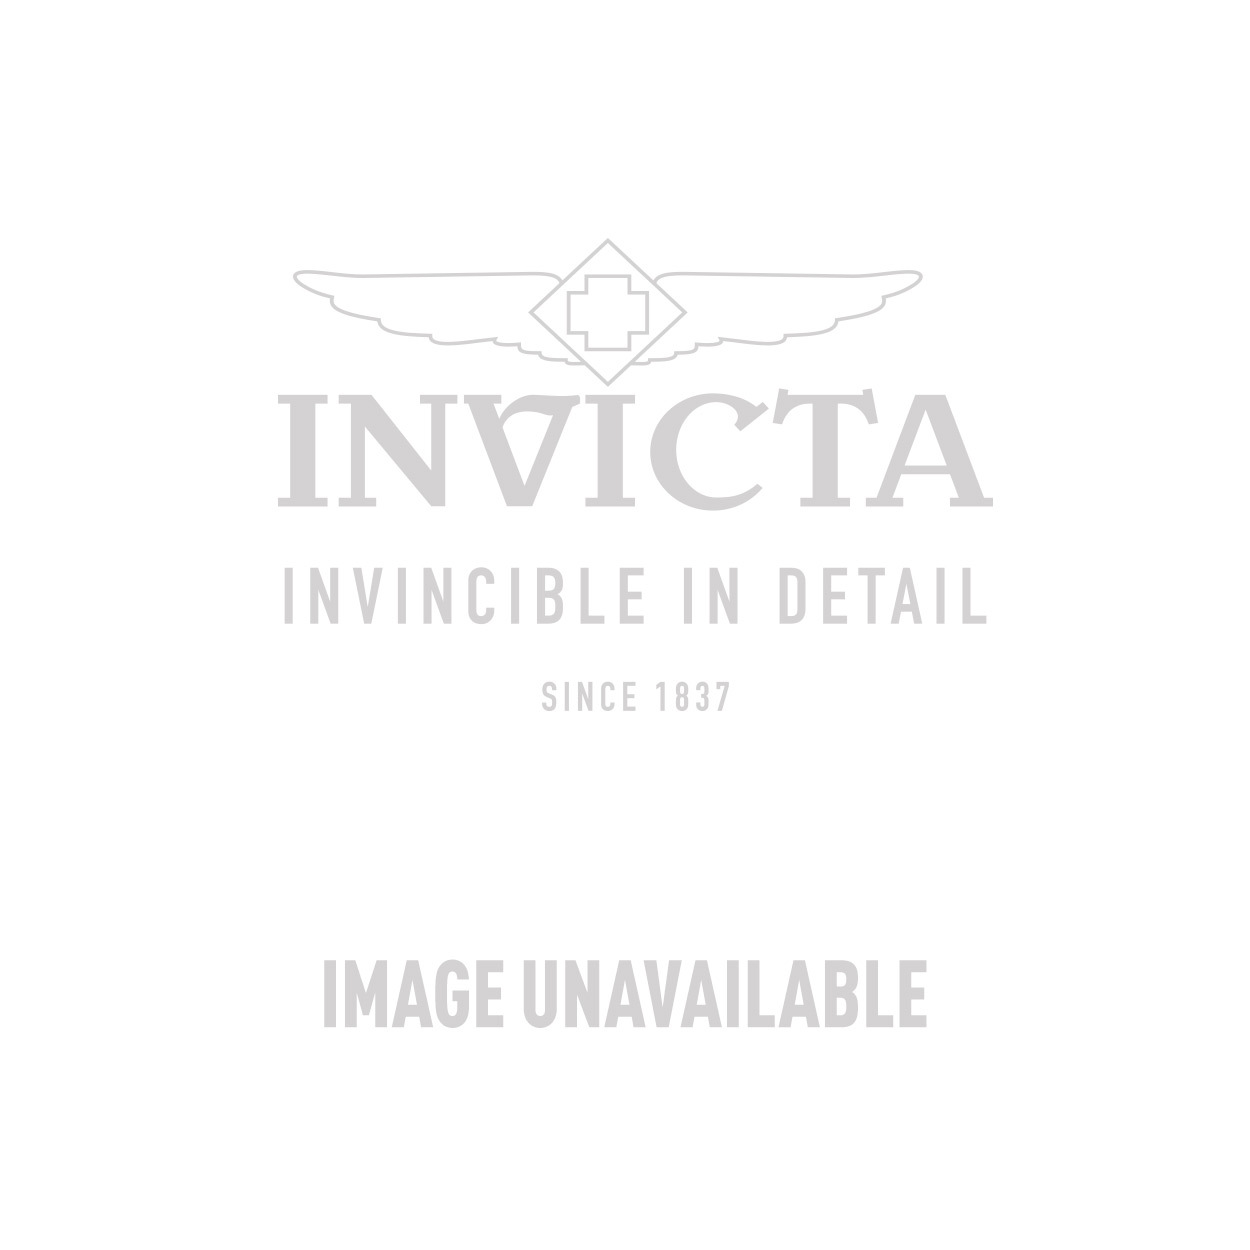 Invicta Model 28143